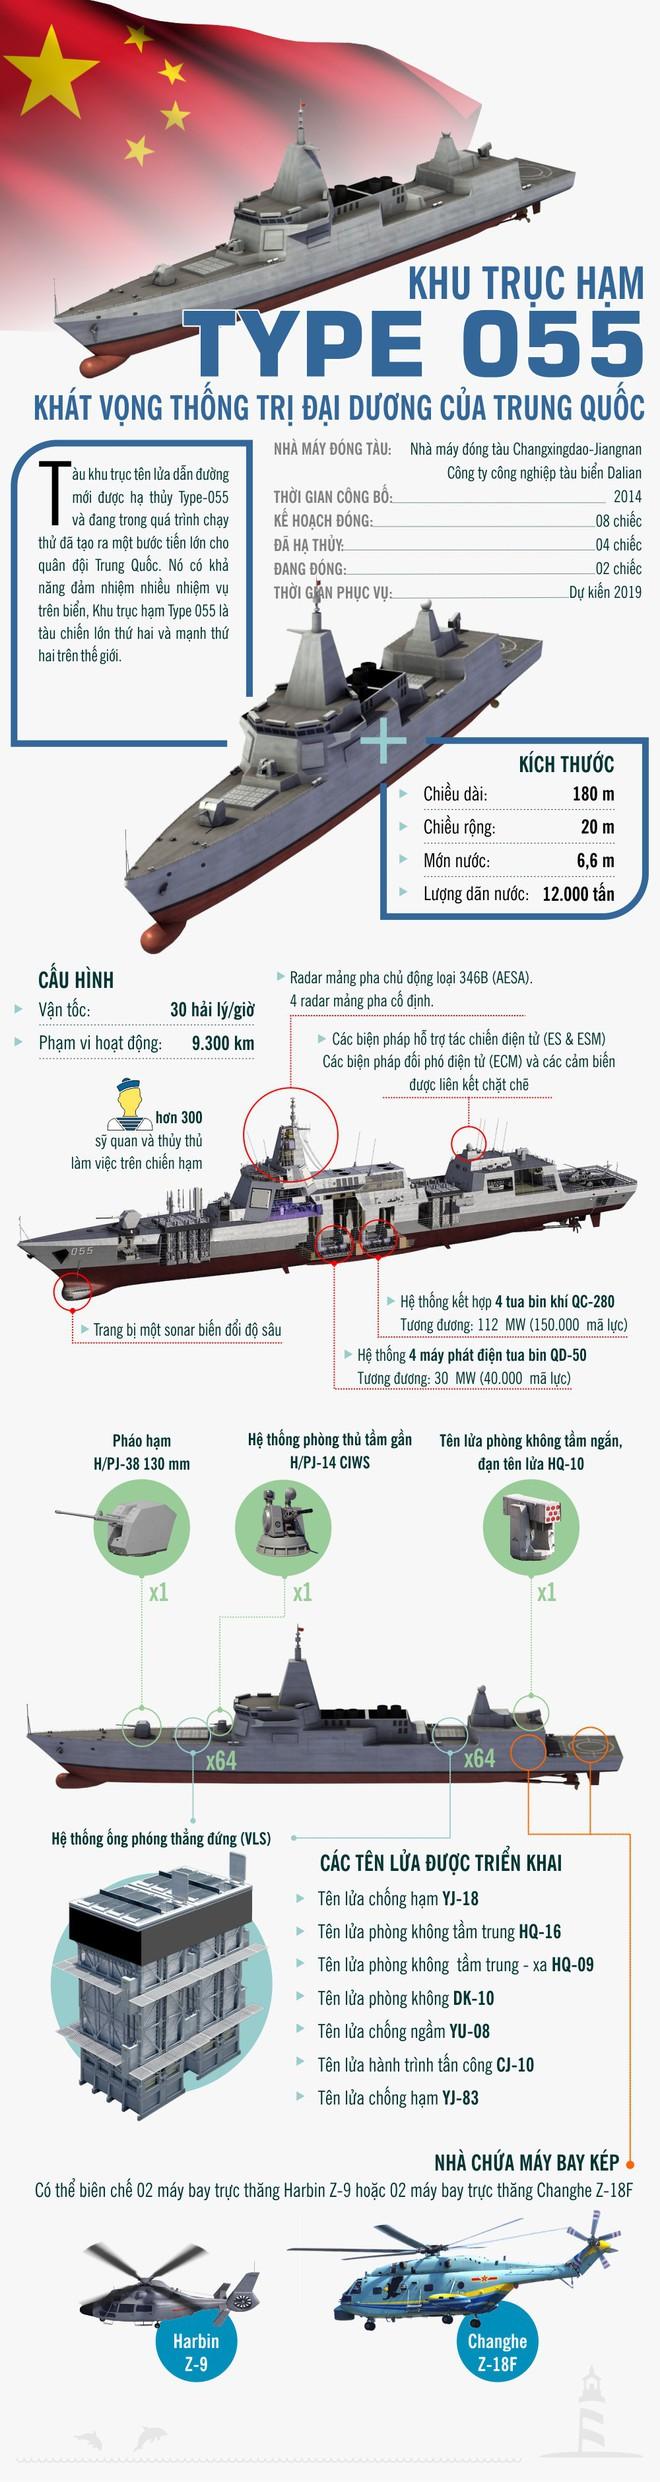 Tàu khu trục Type 055 và khát vọng thống trị đại dương của Trung Quốc: Quái vật đáng gờm - Ảnh 1.